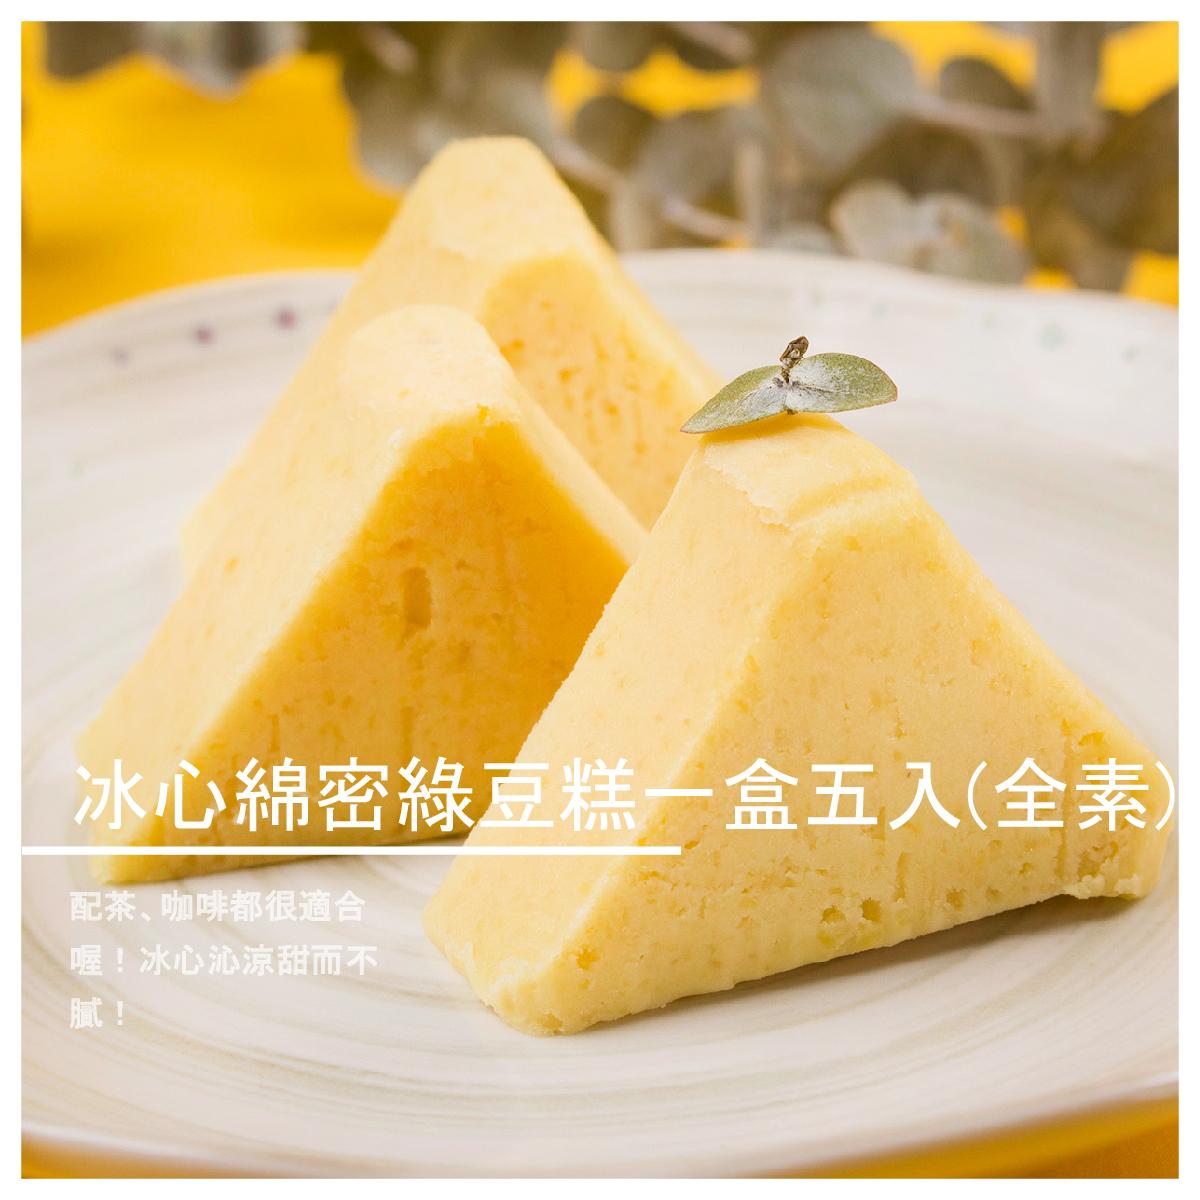 【鍾師傅兩糕】冰心綿密綠豆糕 一盒五入 (全素)